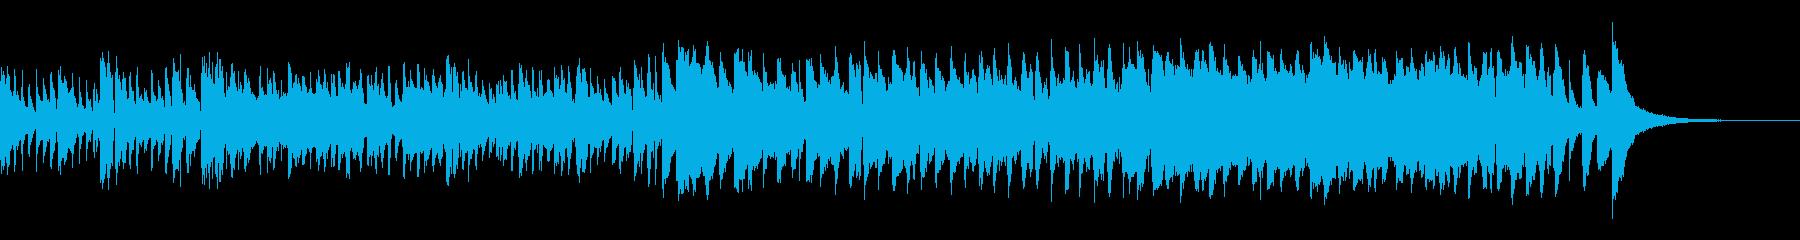 軽快なタンゴ=舞踏会風=小編成オケの再生済みの波形